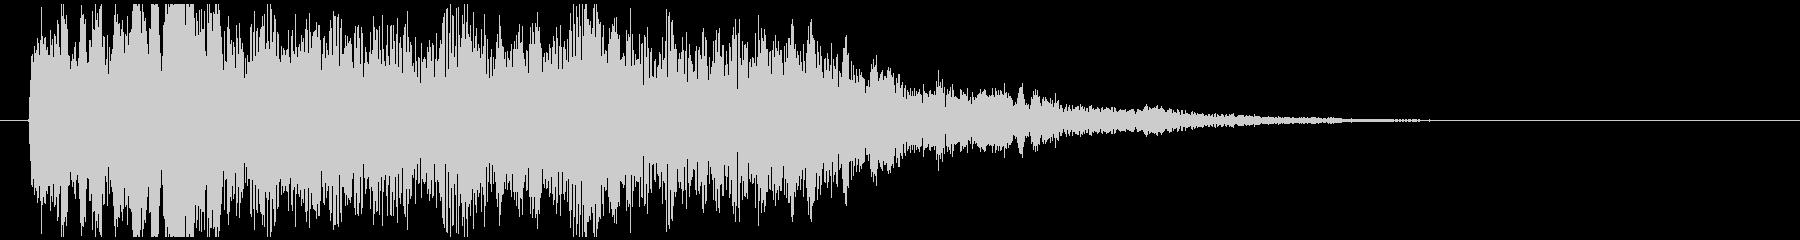 神秘的で透明感のあるインパクト音8の未再生の波形